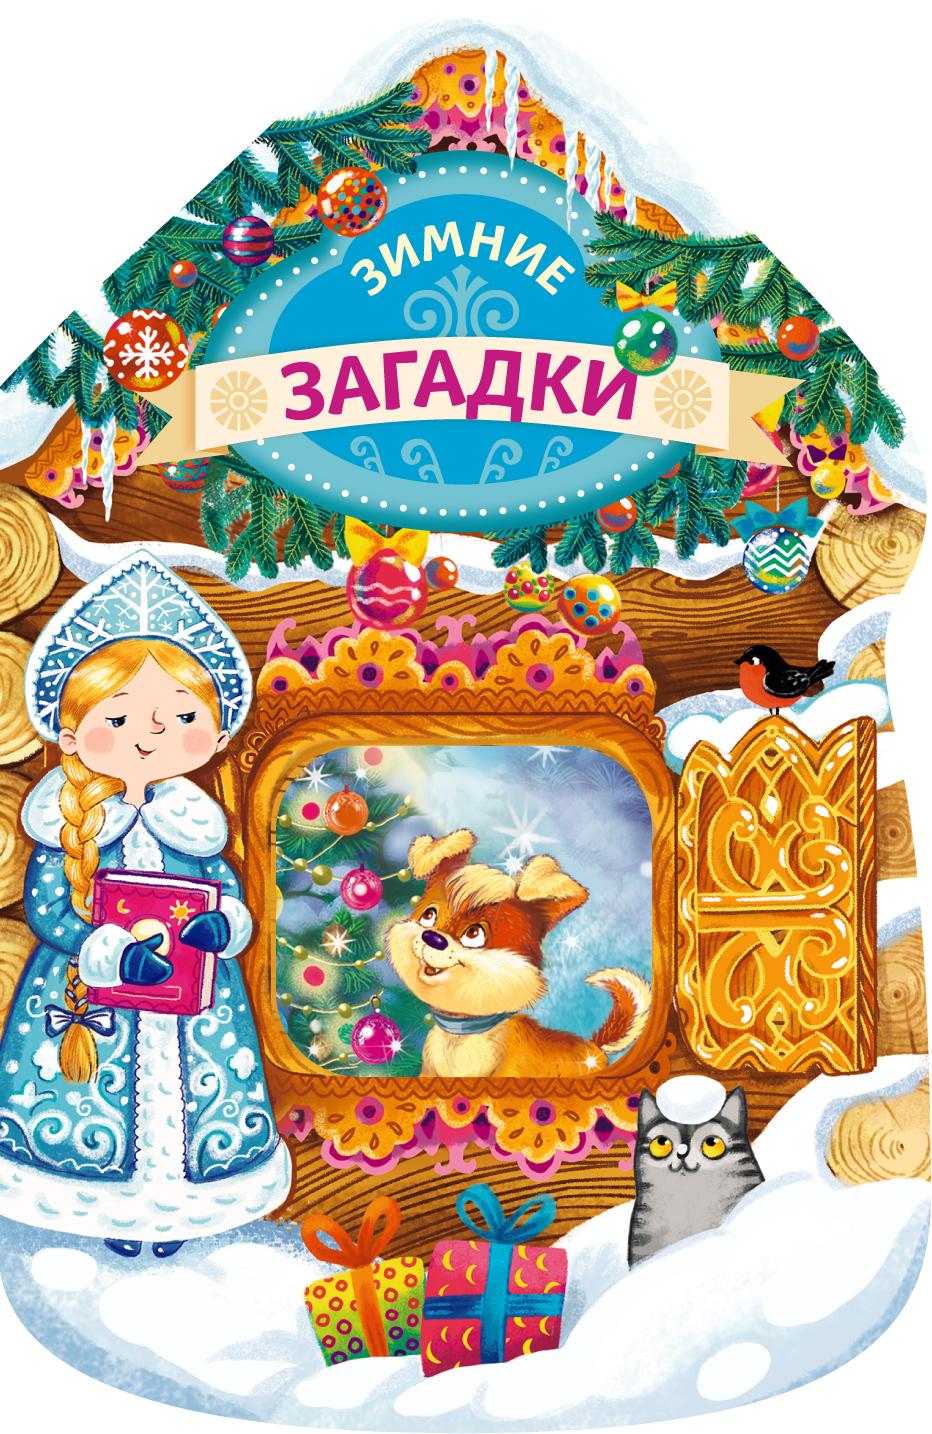 Зимние загадки (новогодний домик) зимние загадки домик